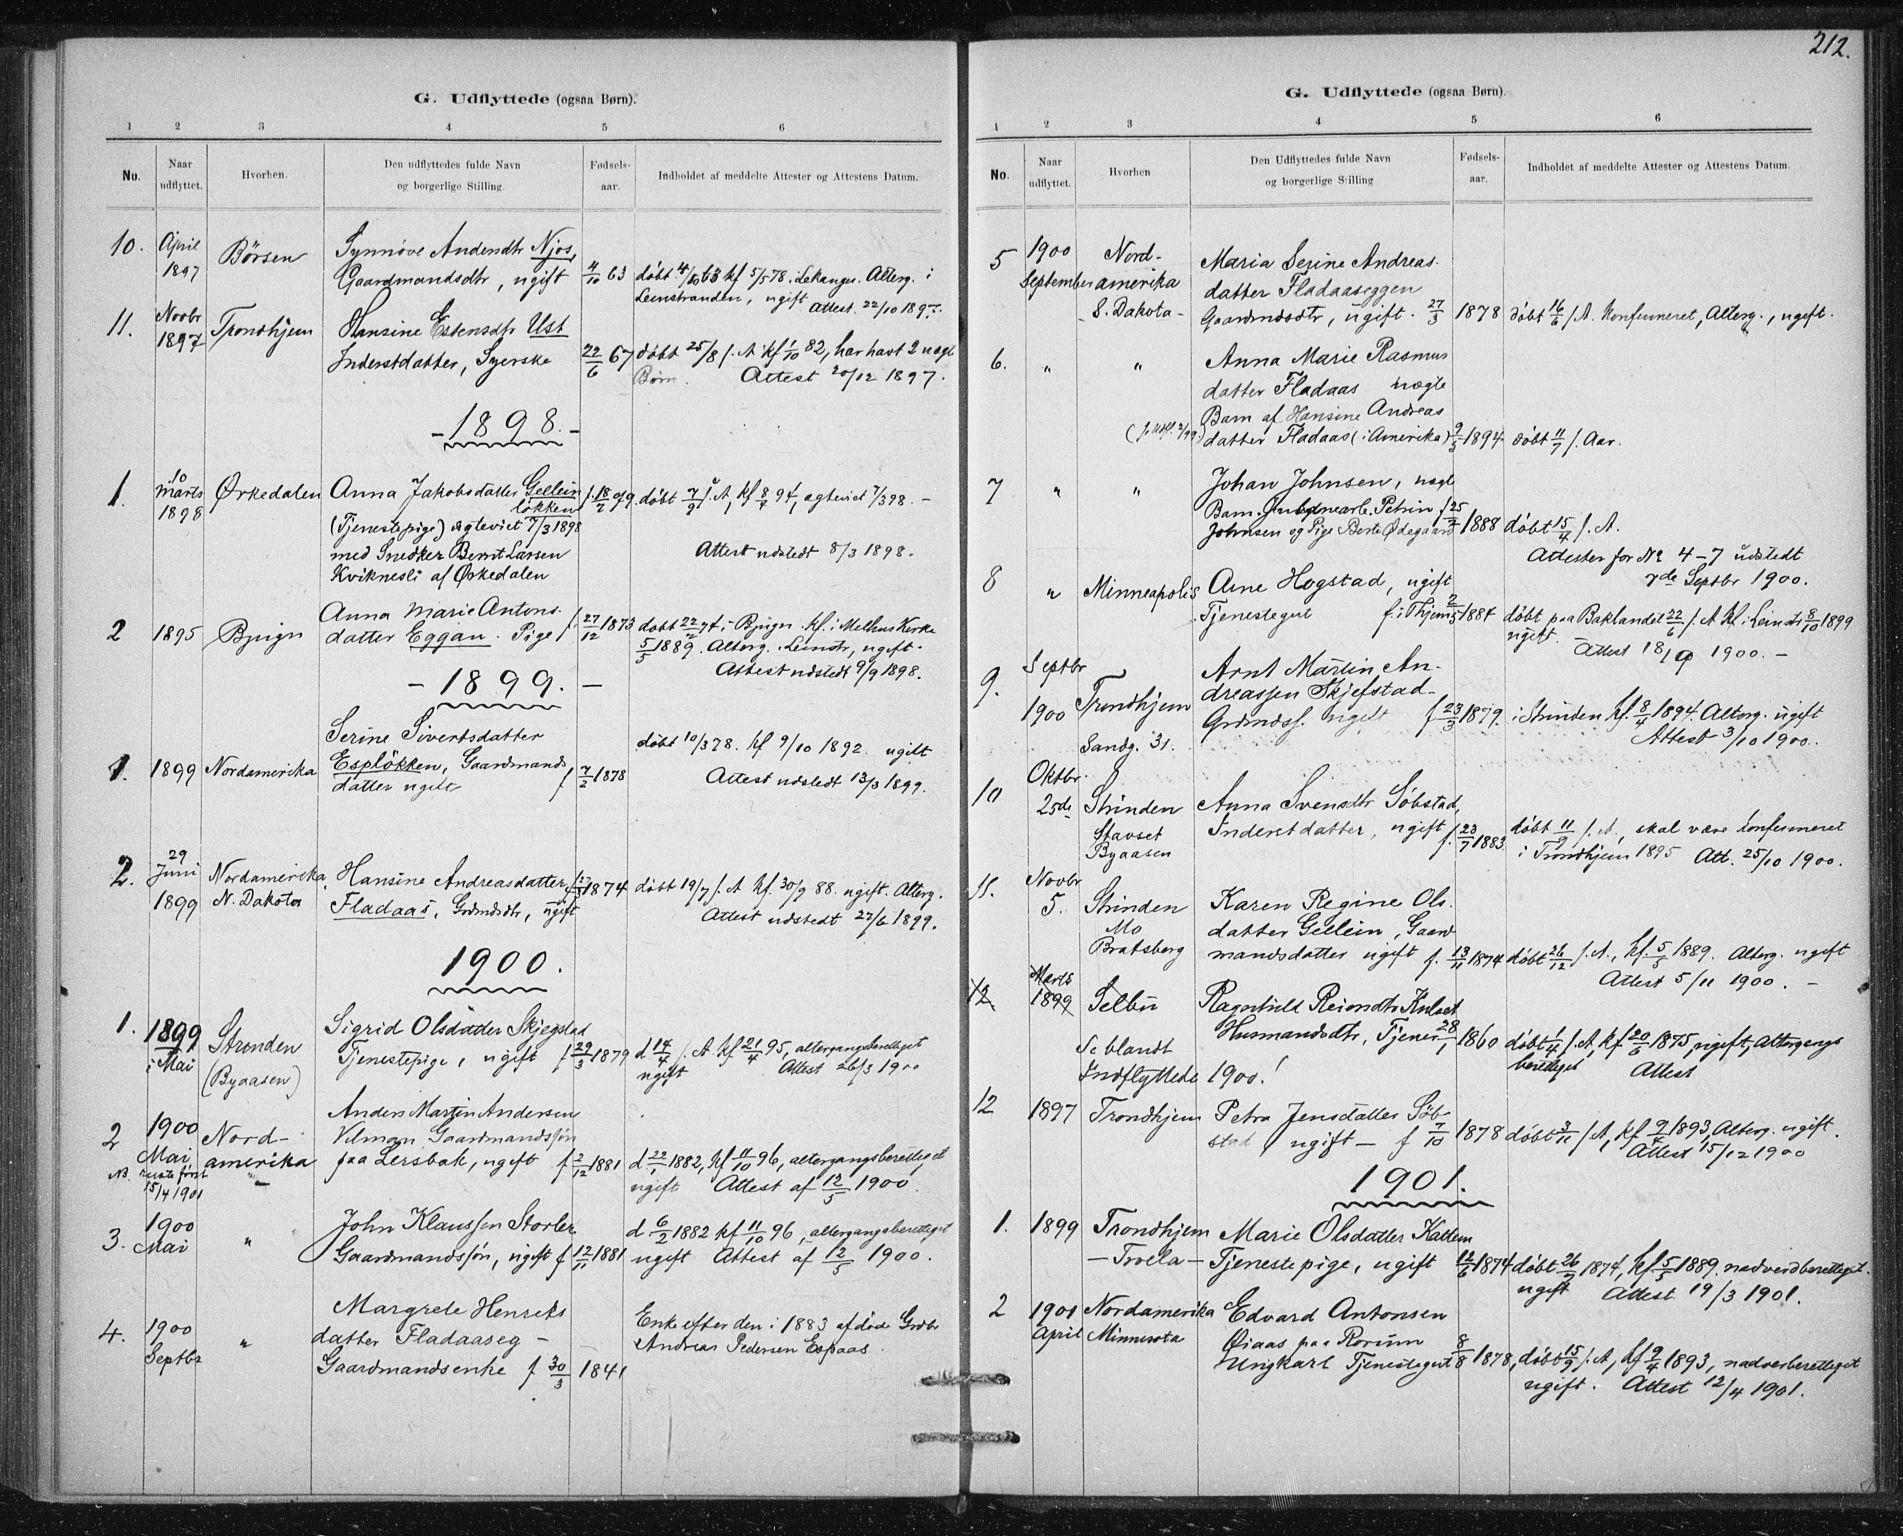 SAT, Ministerialprotokoller, klokkerbøker og fødselsregistre - Sør-Trøndelag, 613/L0392: Ministerialbok nr. 613A01, 1887-1906, s. 212